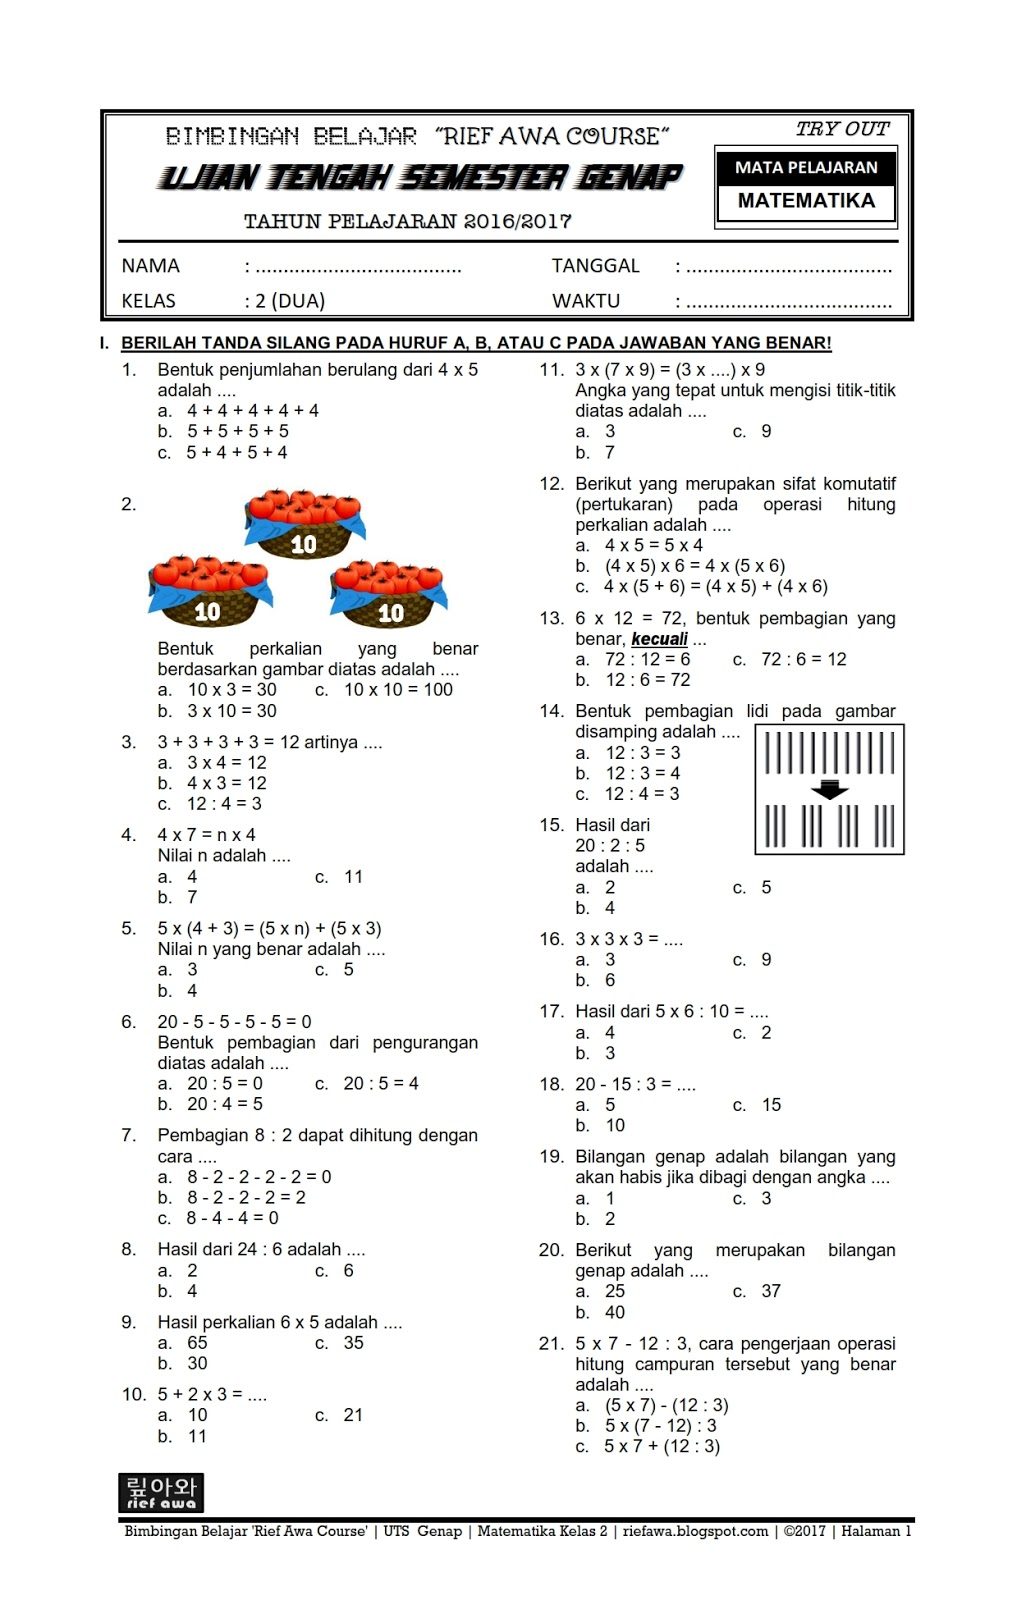 Soal Pembagian Sd Matematika Pembagian Dengan Metode Jarimatika Panduan Mudah Internet Kumpulan